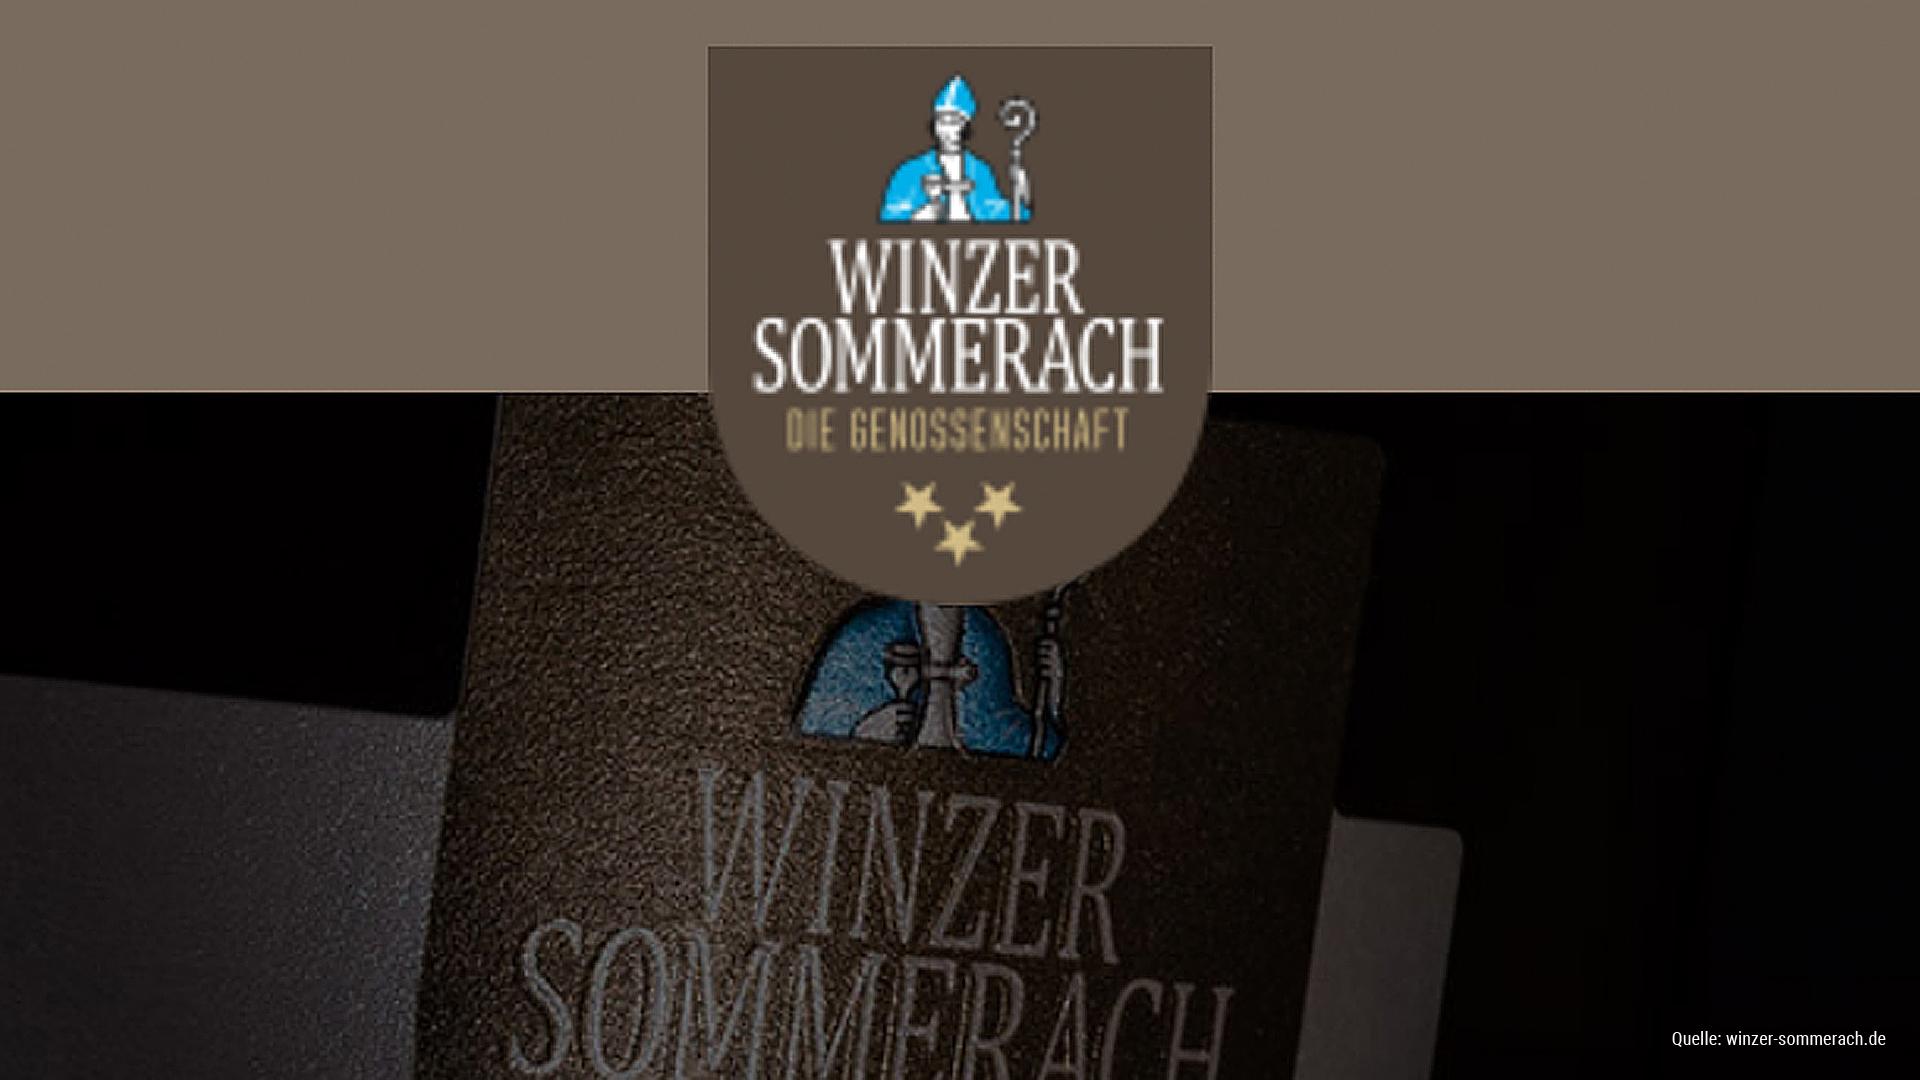 WINZER SOMMERACH – Die älteste Winzergenossenschaft Frankens